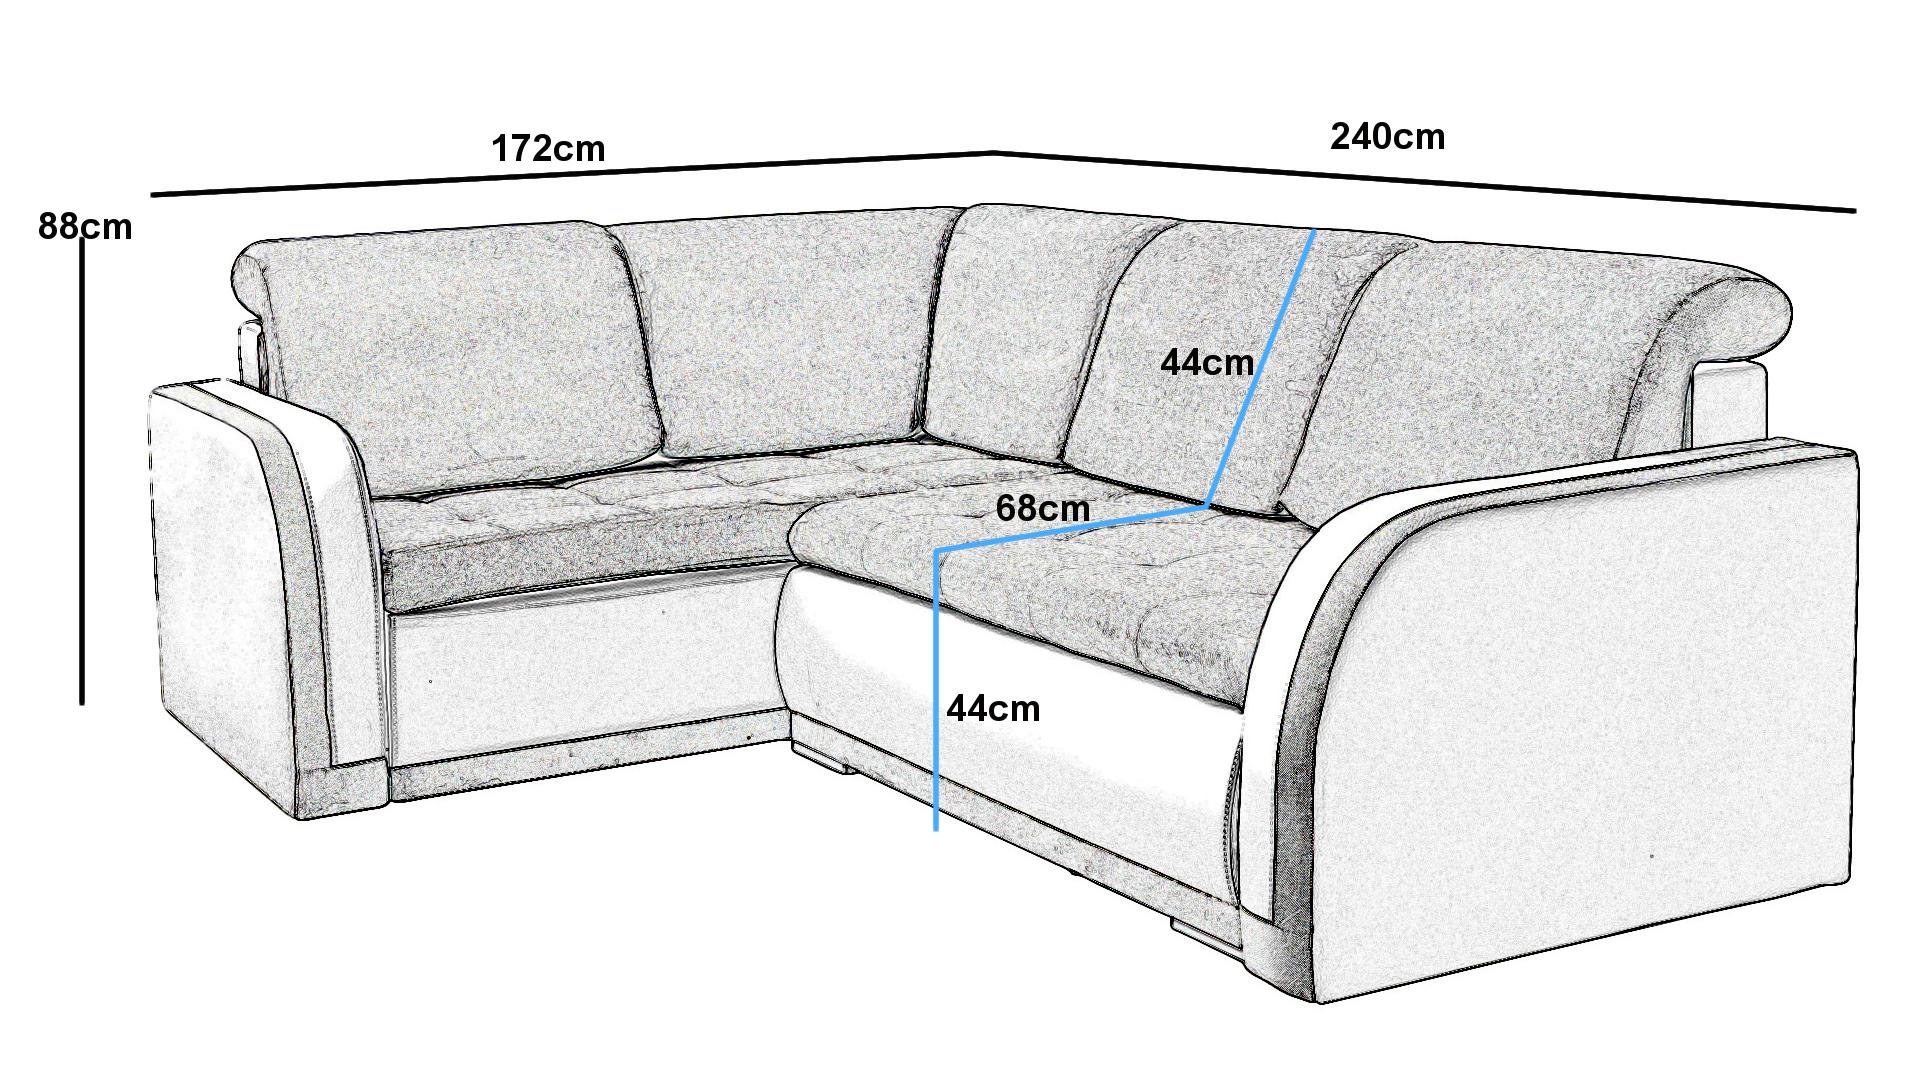 kleine ecksofa eckcouch sofagarnitur polstergarnitur. Black Bedroom Furniture Sets. Home Design Ideas